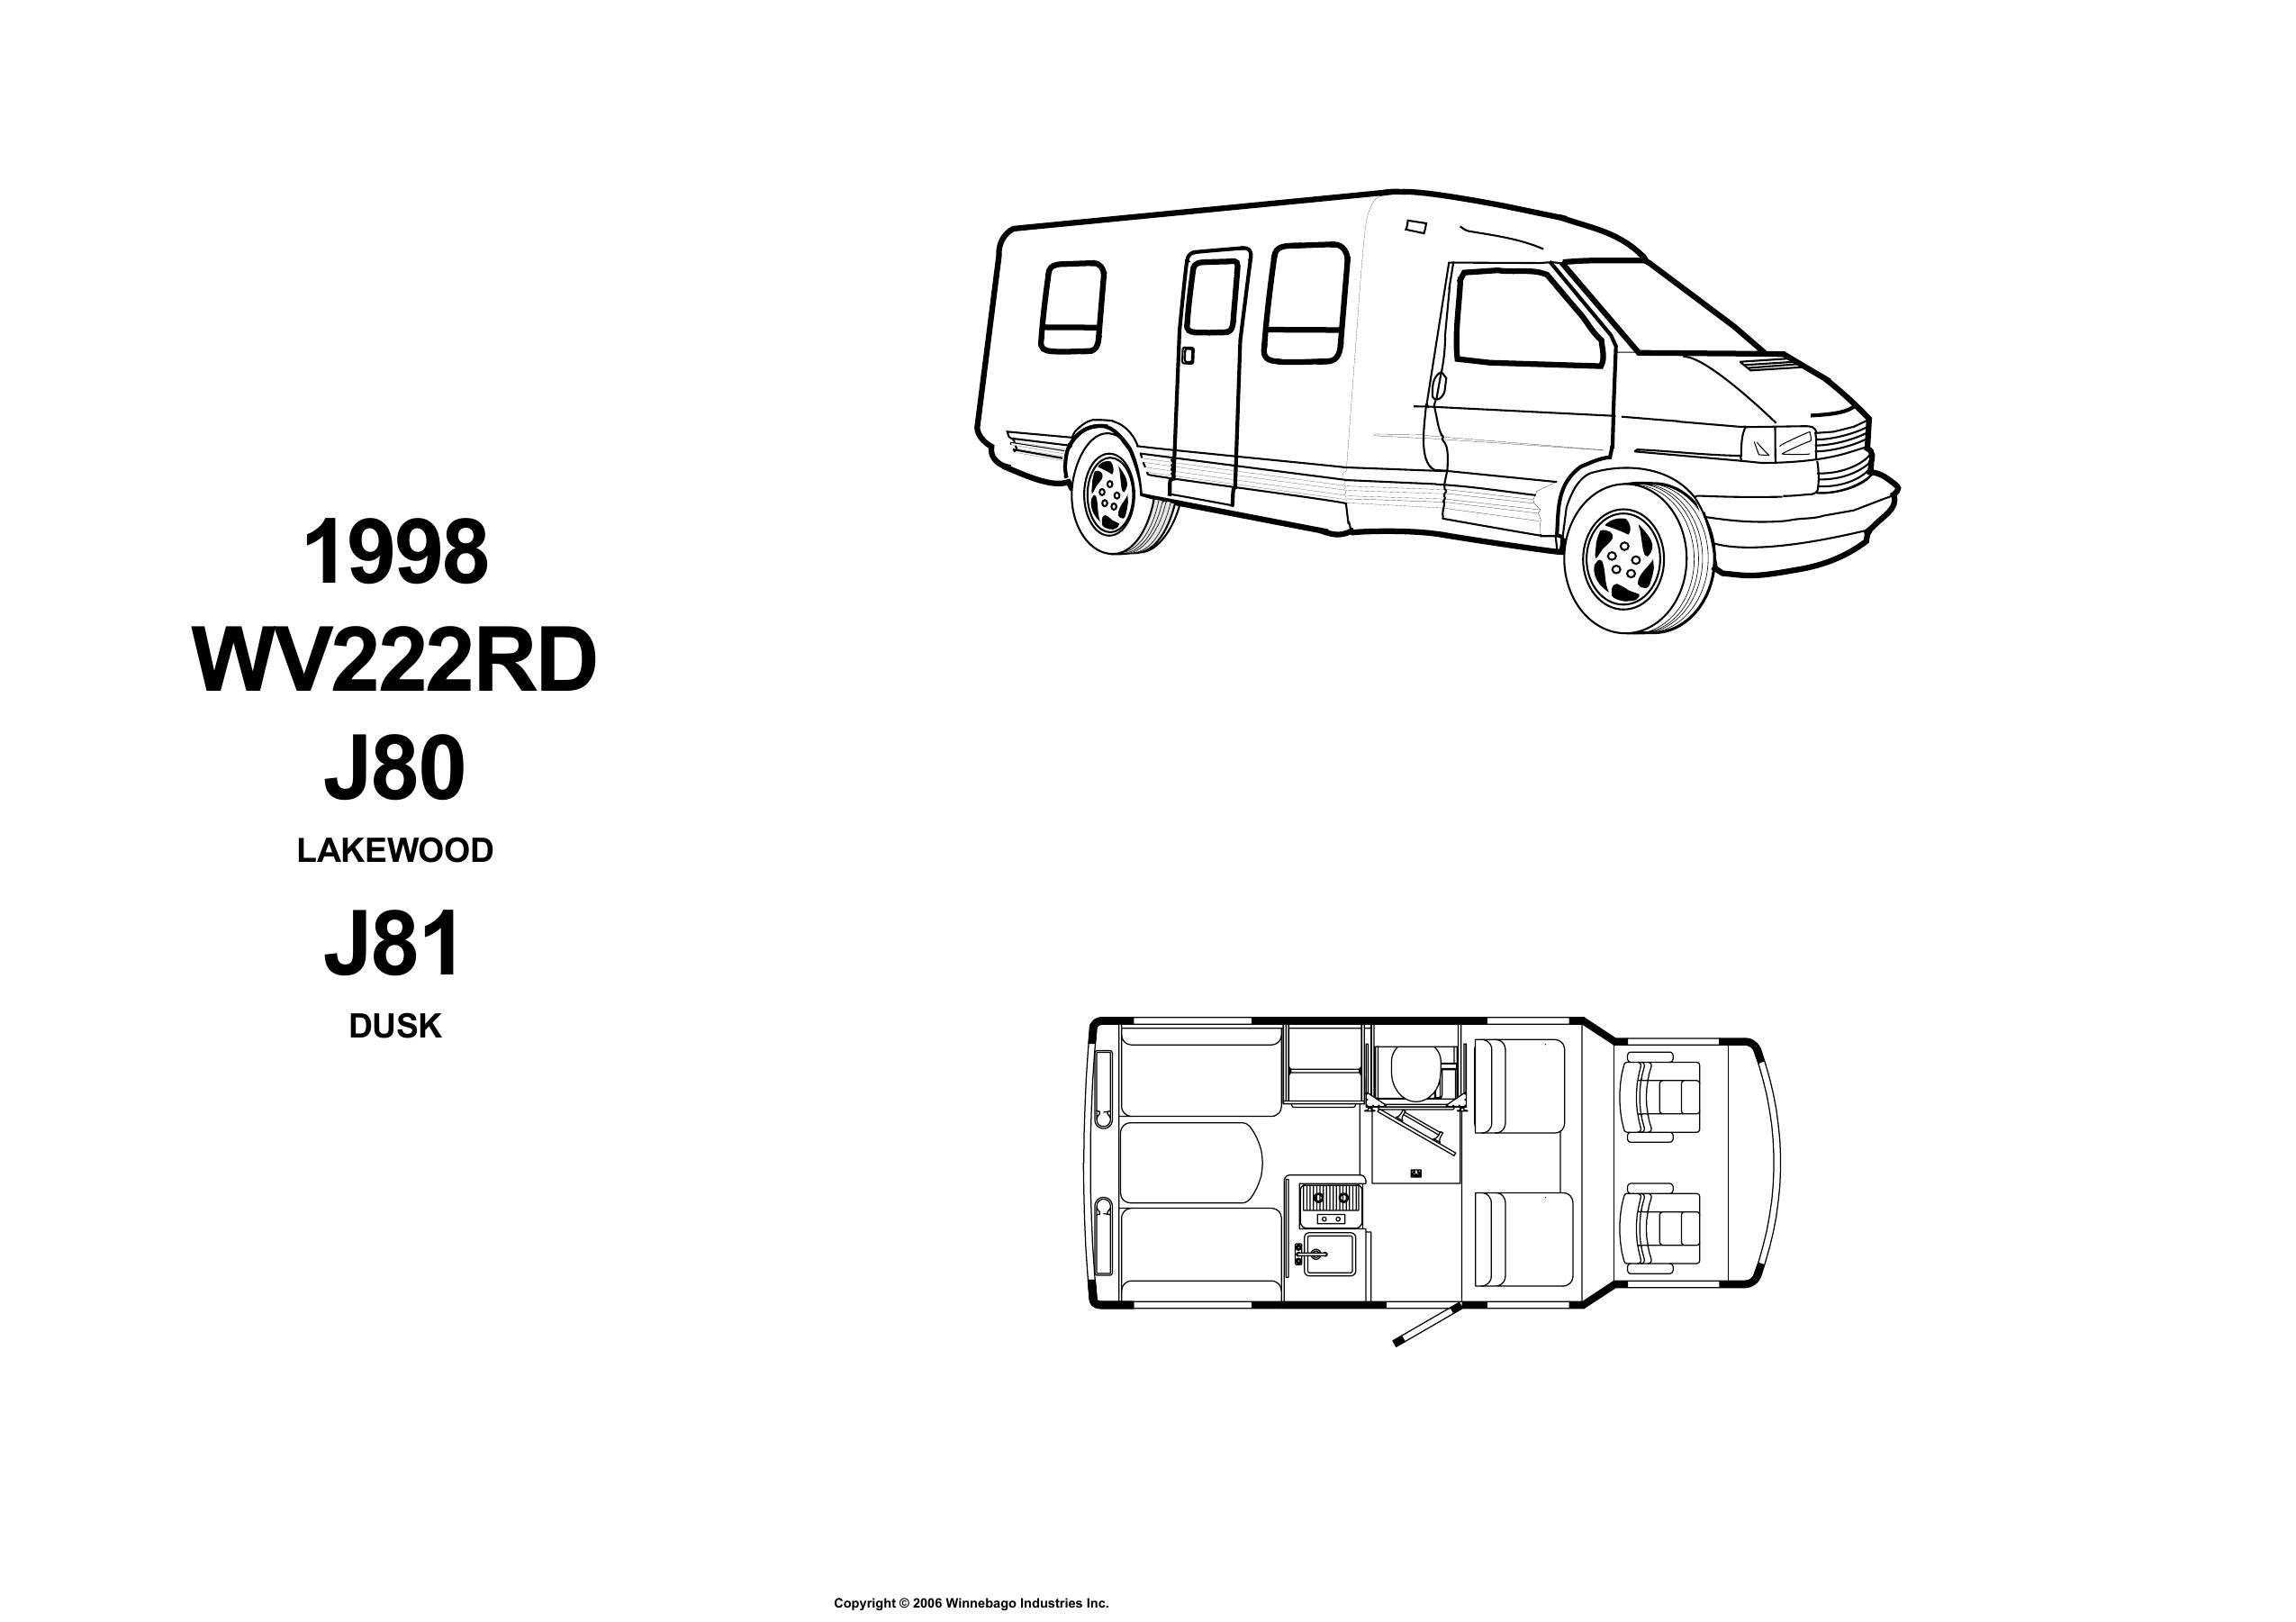 1998 WV222RD | manualzz com